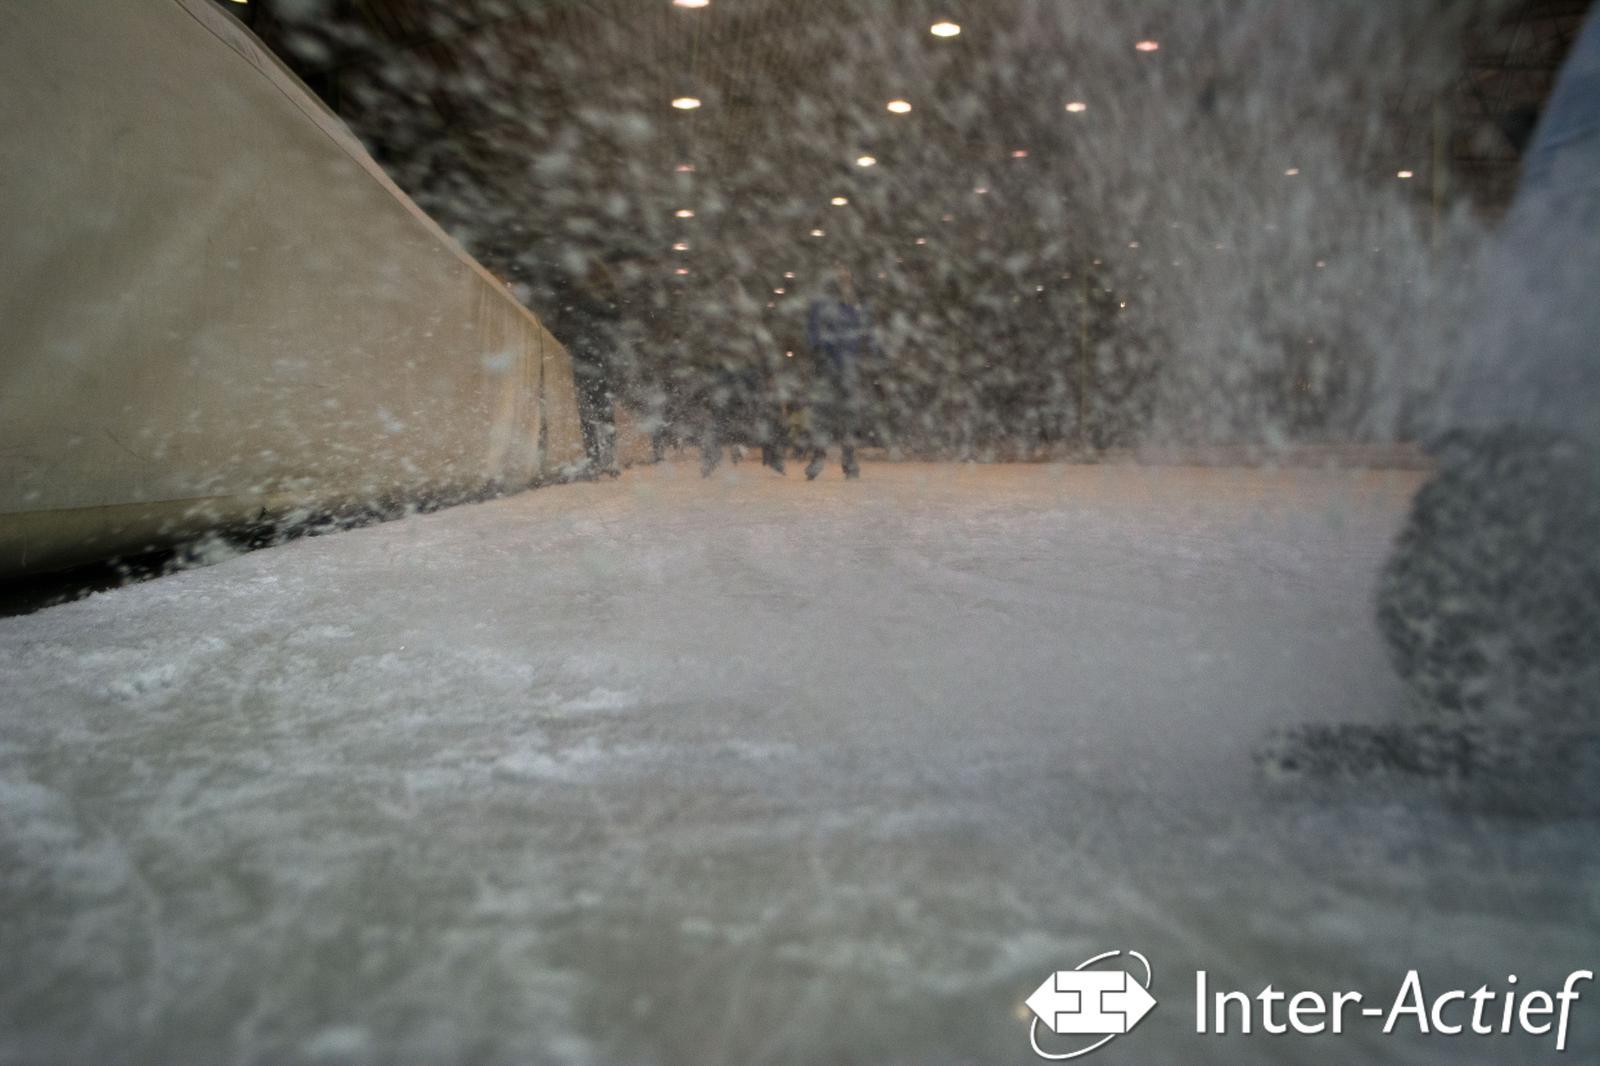 IceSkating20200116_NielsdeGroot-59.jpg